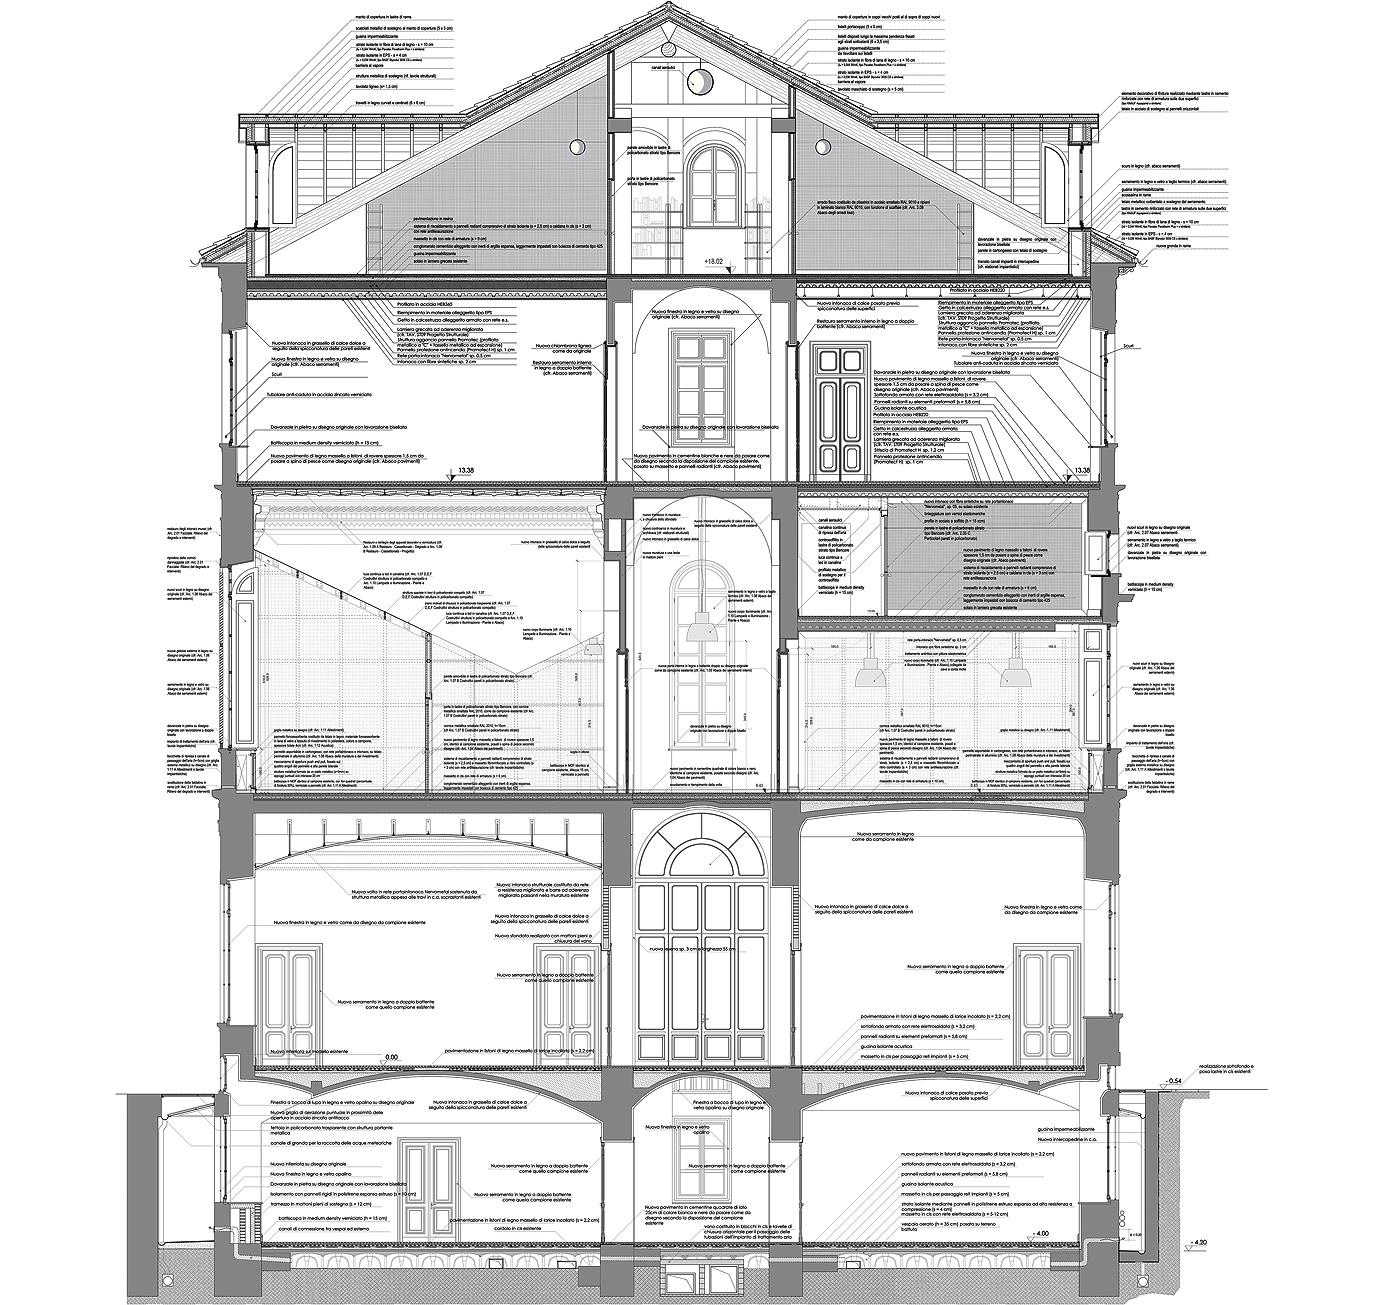 Restauro e trasformazione in uffici di un palazzo ottocentesco. Sezione costruttiva di tutto il palazzo | Bottega di Architettura